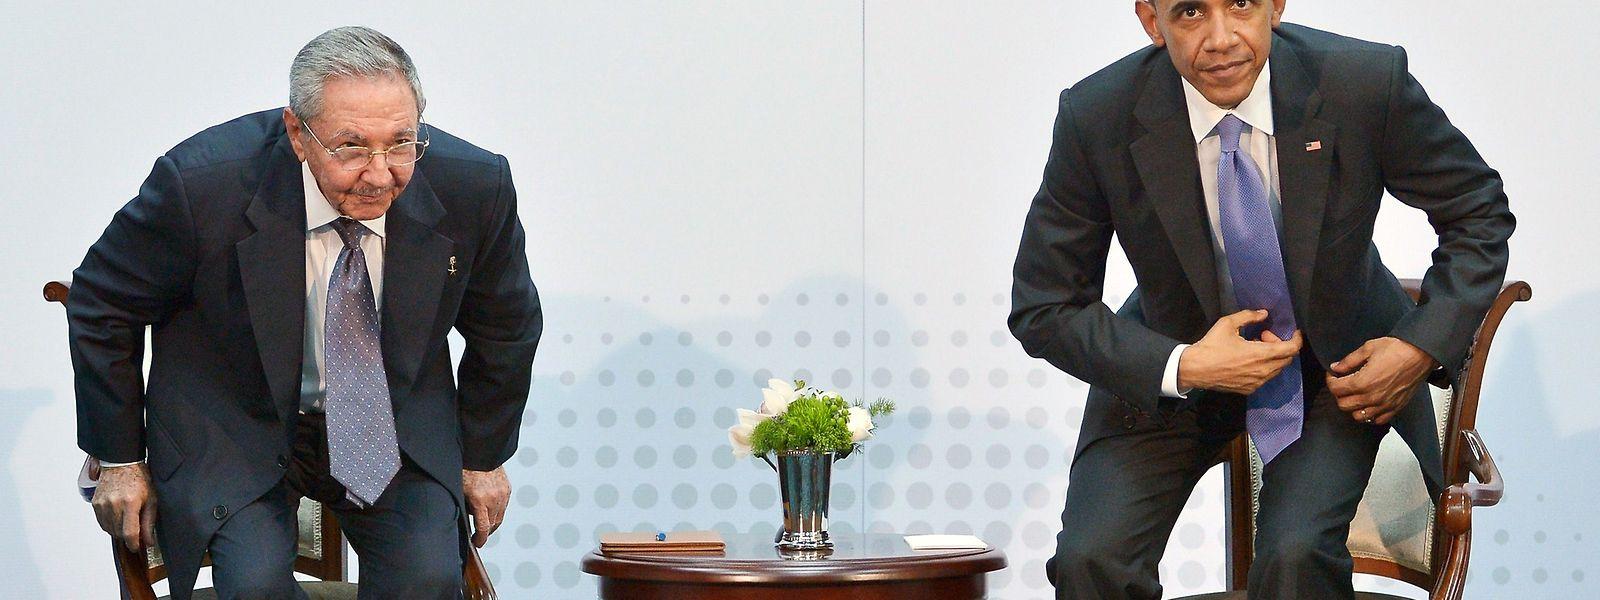 Le président cubain Raul Castro et le président des Etats-Unis Barack Obama prennent place pour une heure de discussion, à Panama.